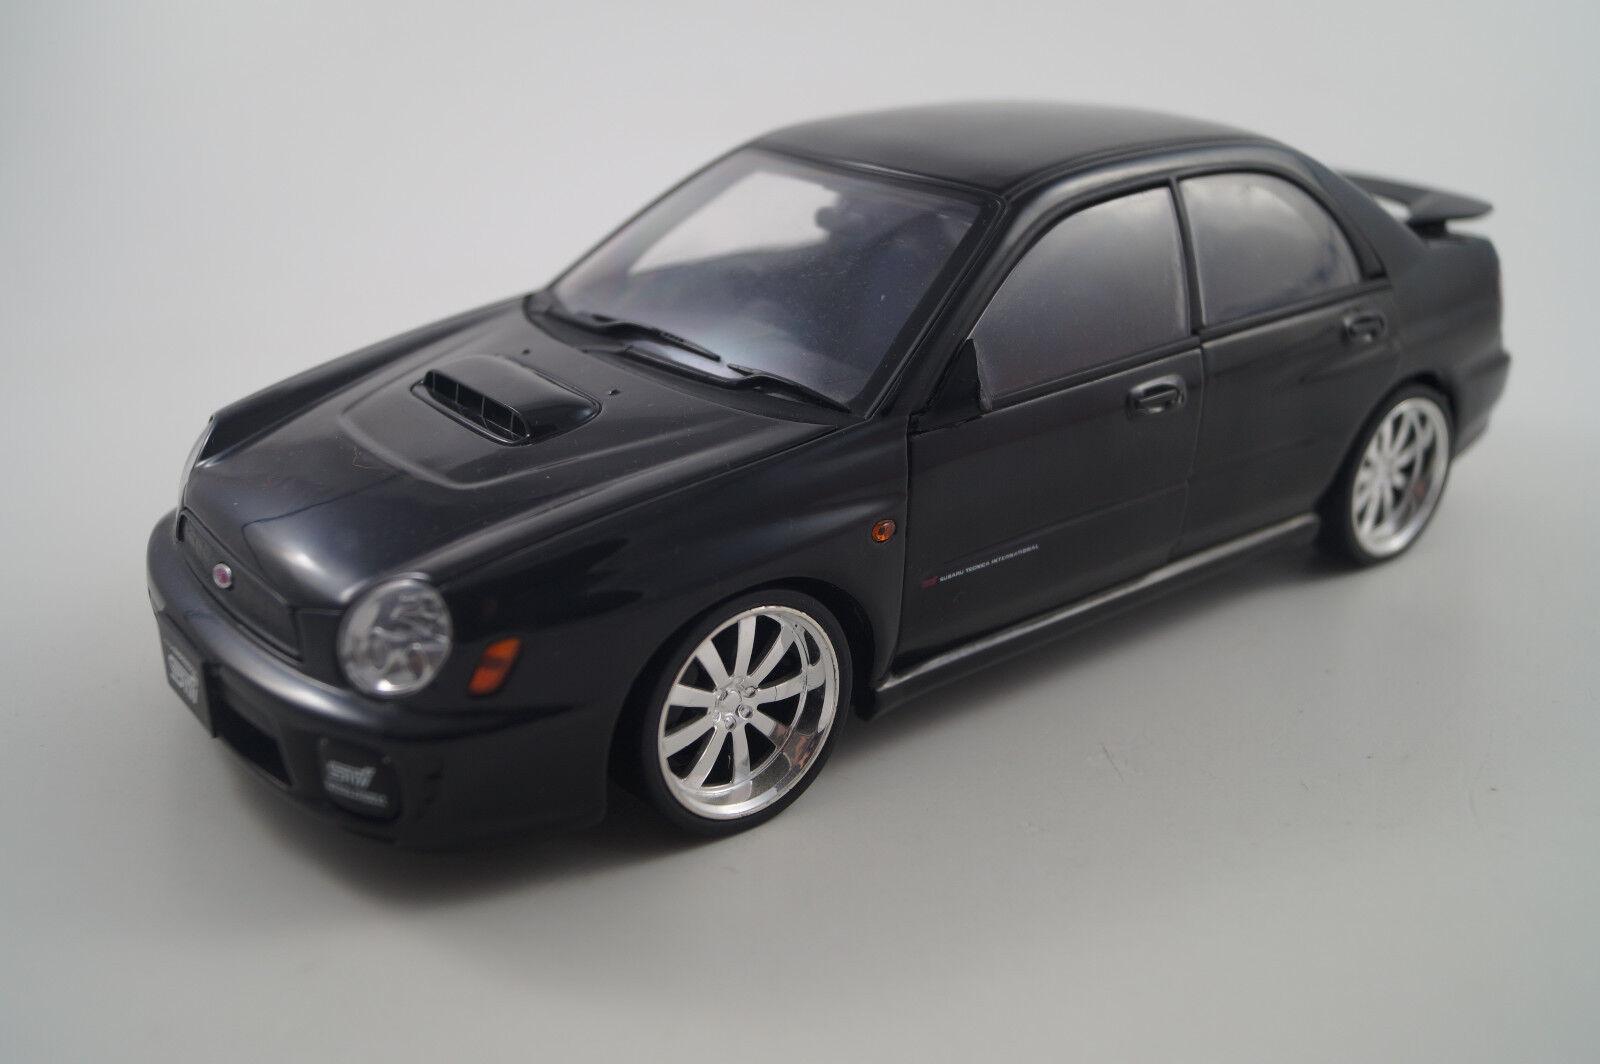 AUTOART voiture miniature 1 18 Subaru Impreza